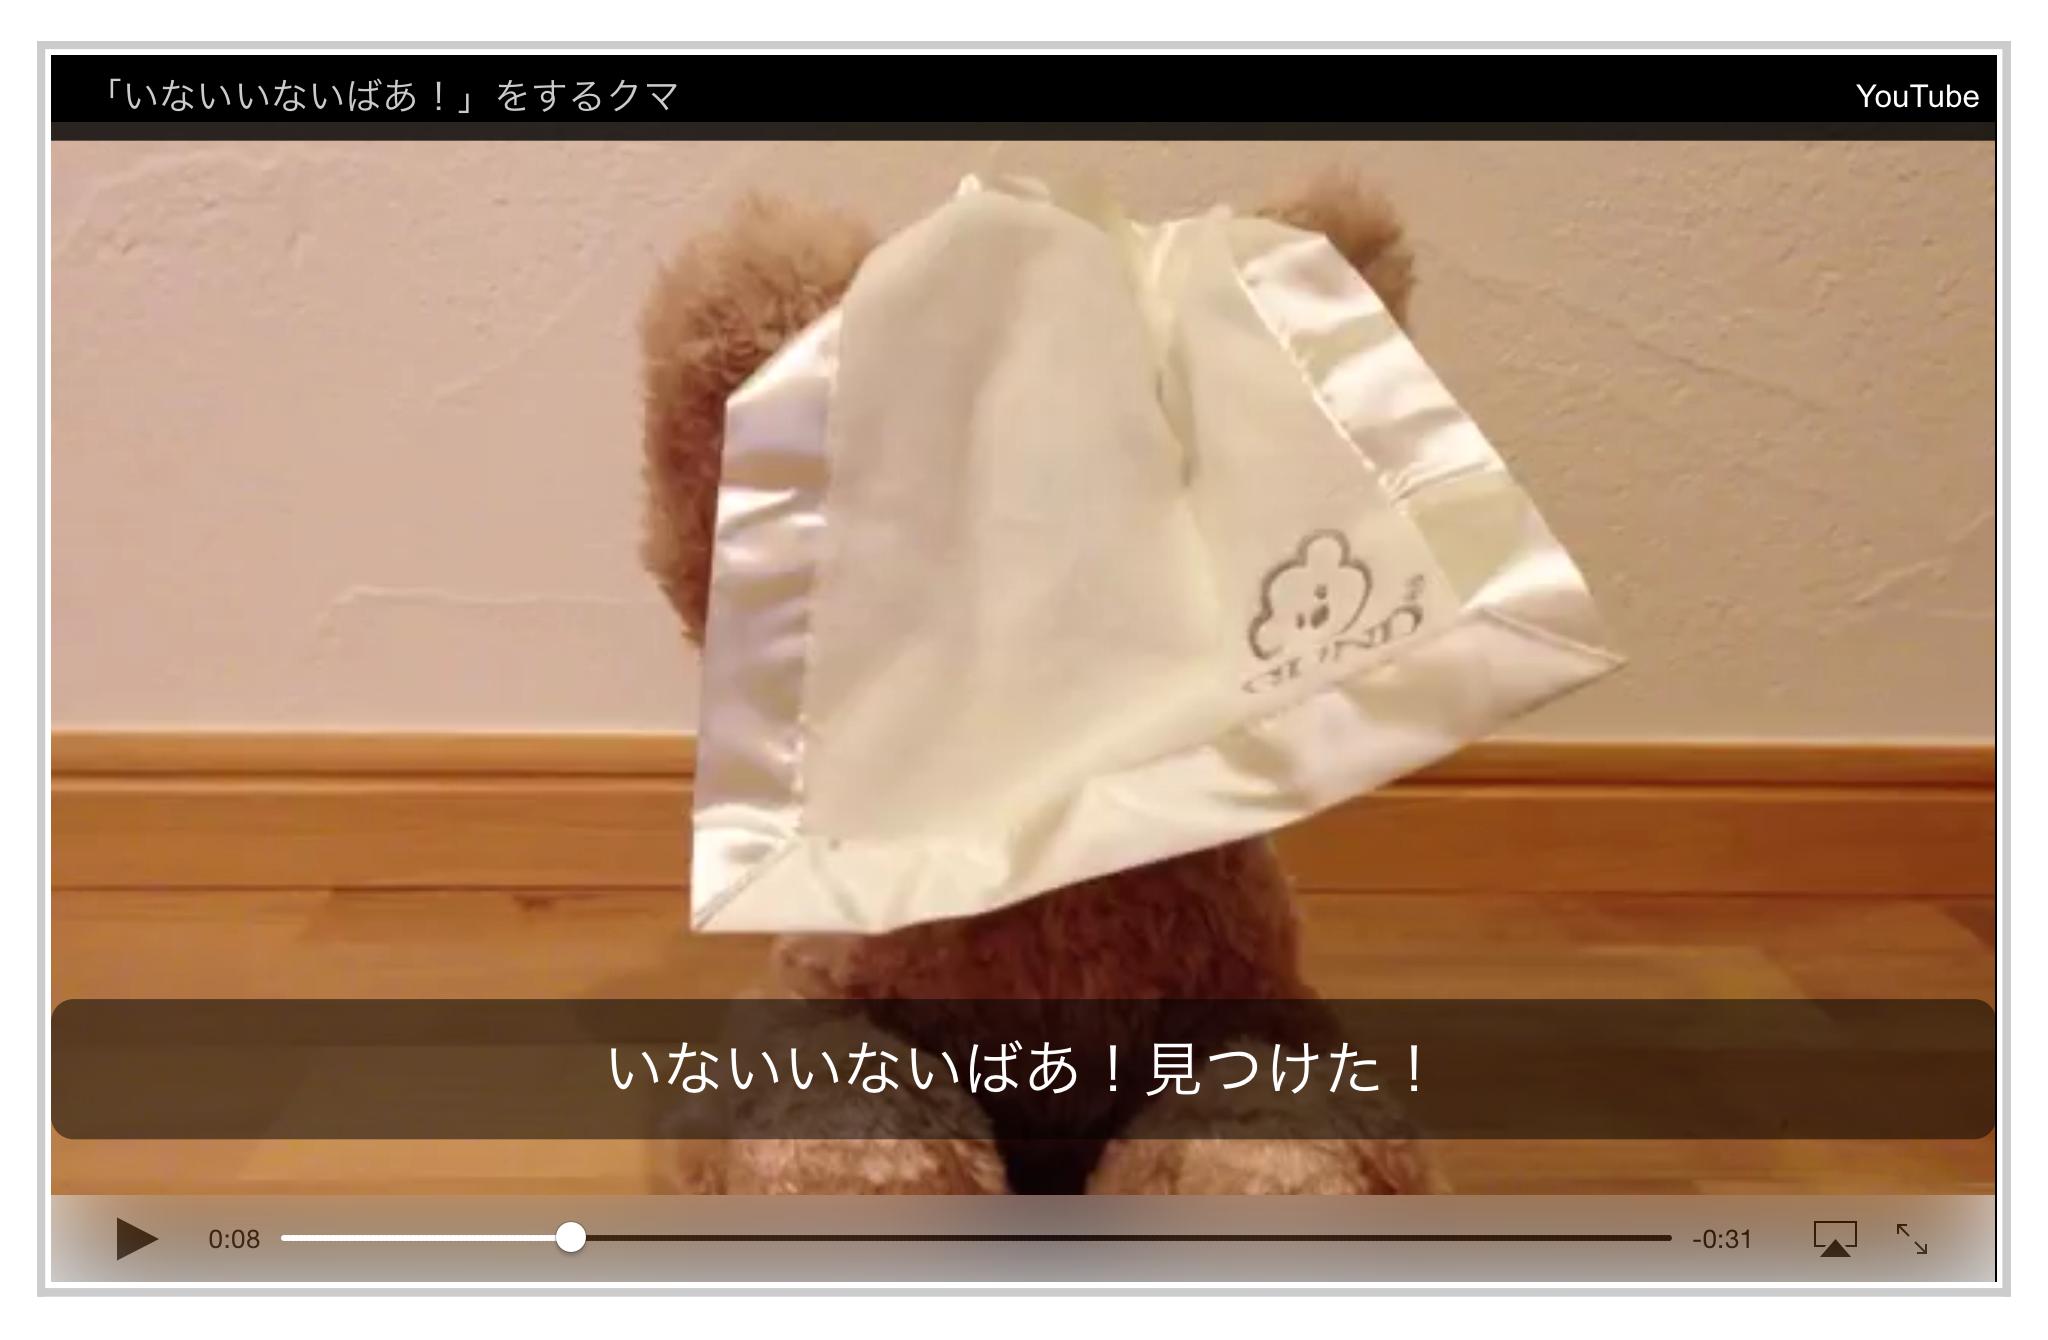 iPad での動画再生 (Web ページに埋め込まれた動画をそのままブラウザ上で再生)